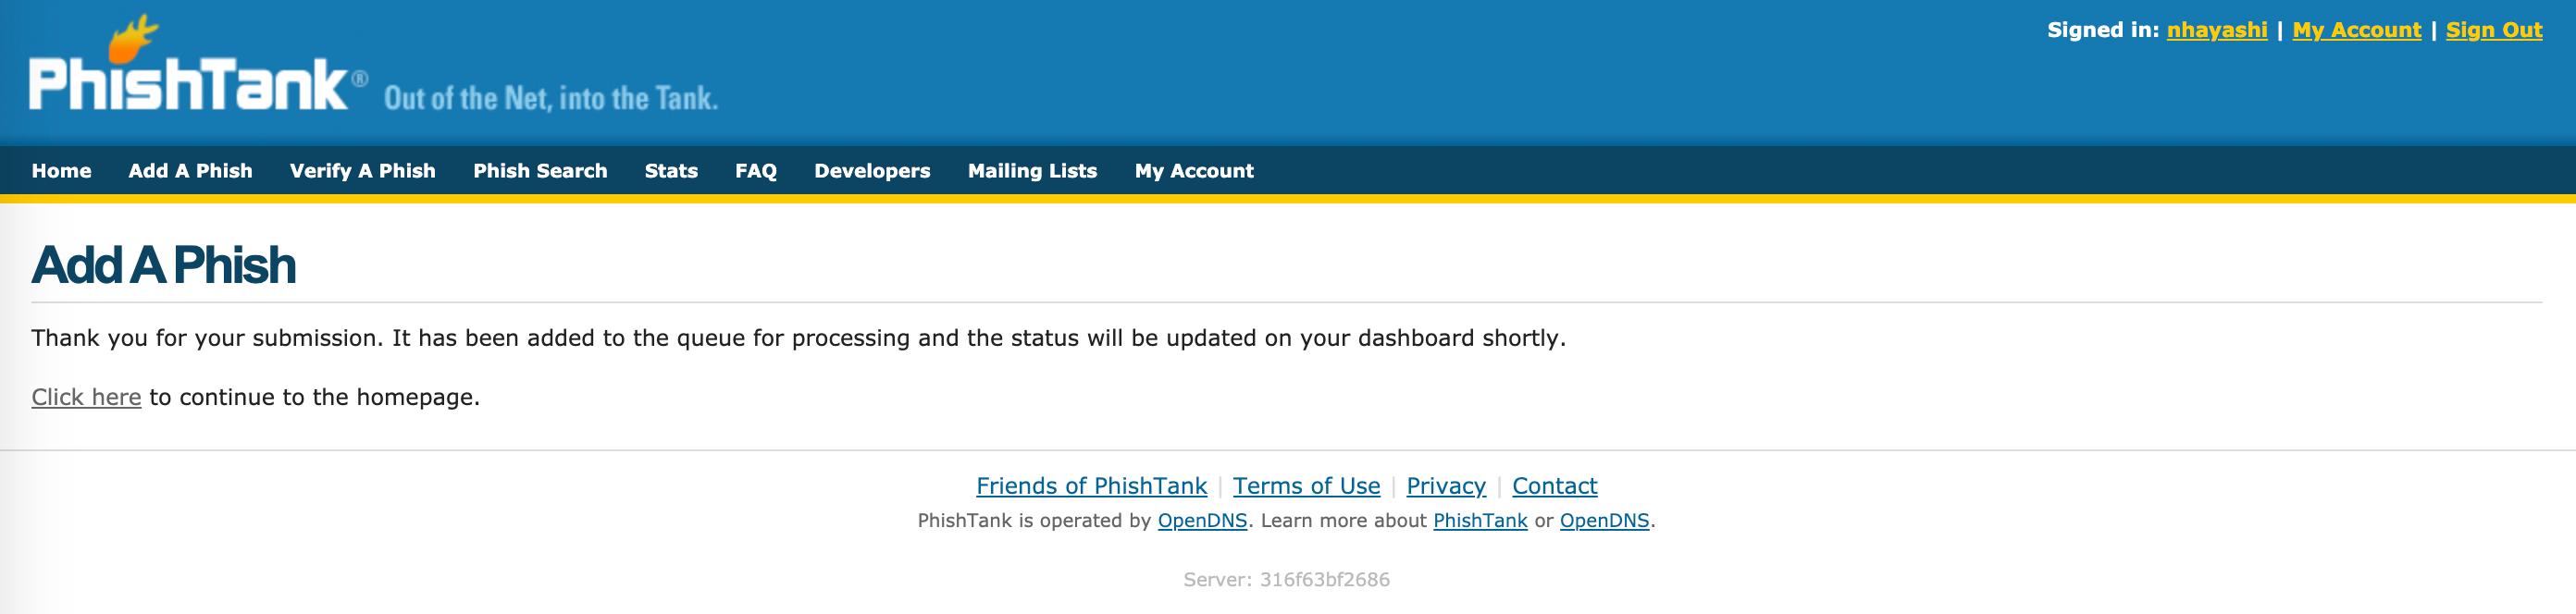 PhishTank_thanks.png